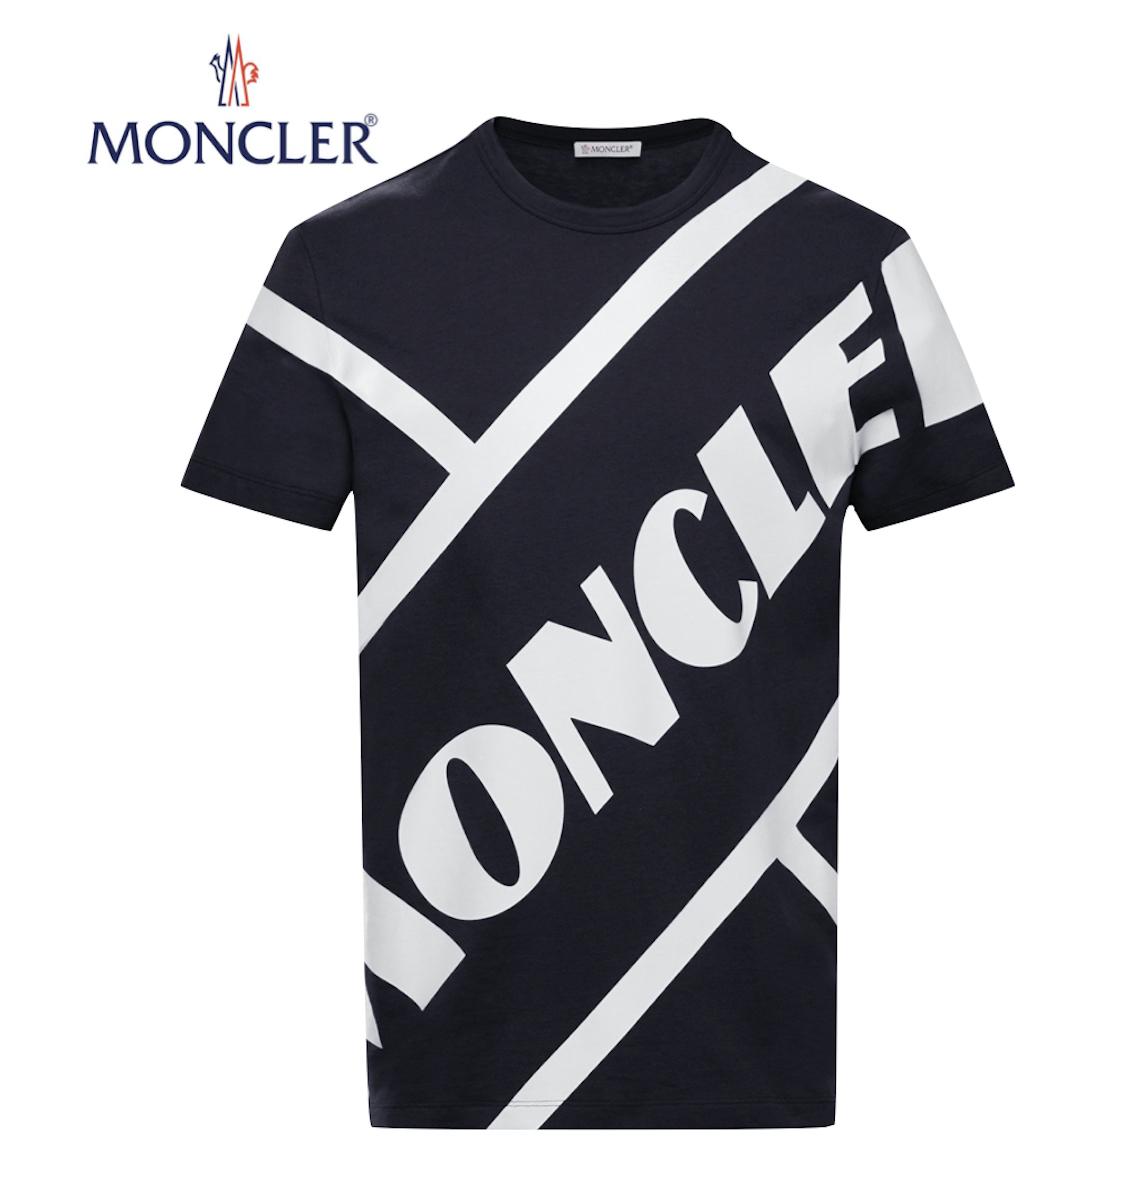 【海外限定・国内未入荷カラー】MONCLER T-shirt Noir Black Mens 2020SS モンクレール Tシャツ ブラック メンズ 2020年春夏新作